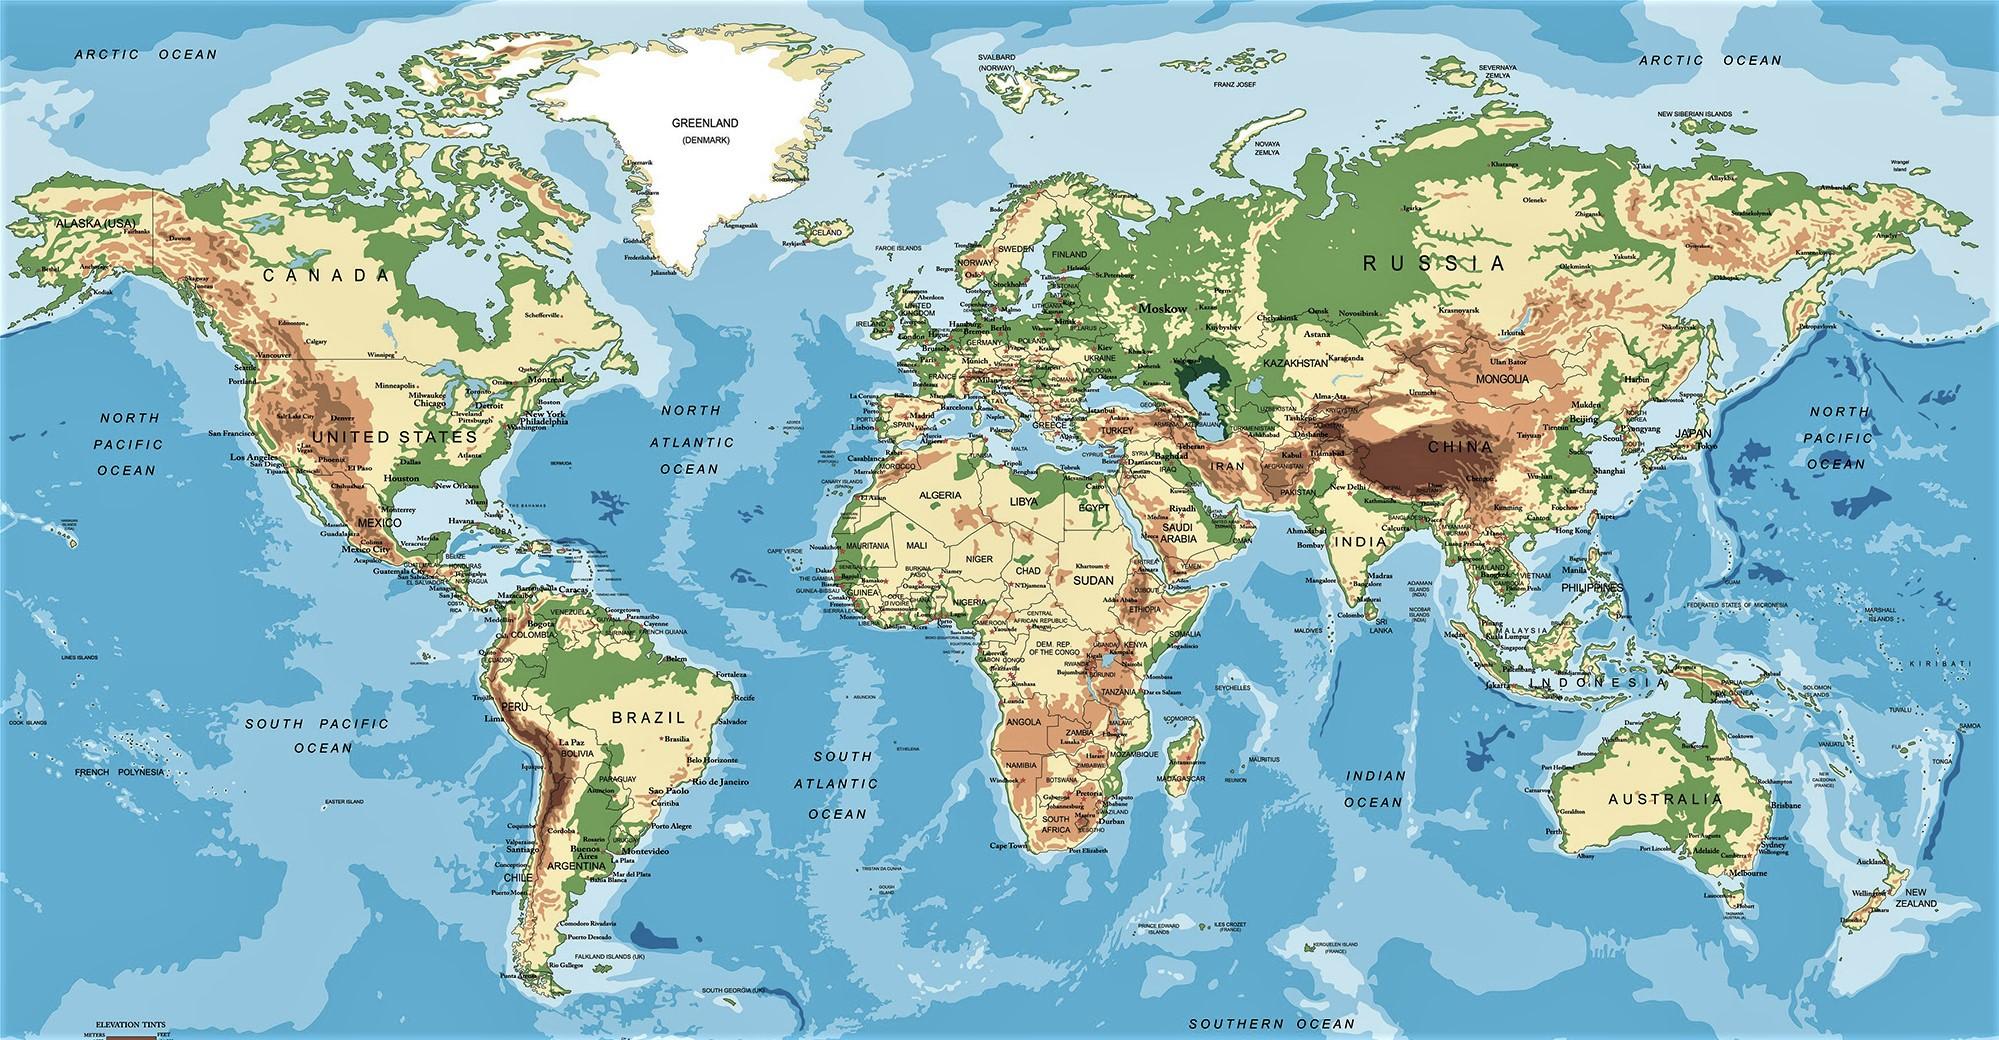 mapamundi fisico politico con nombres